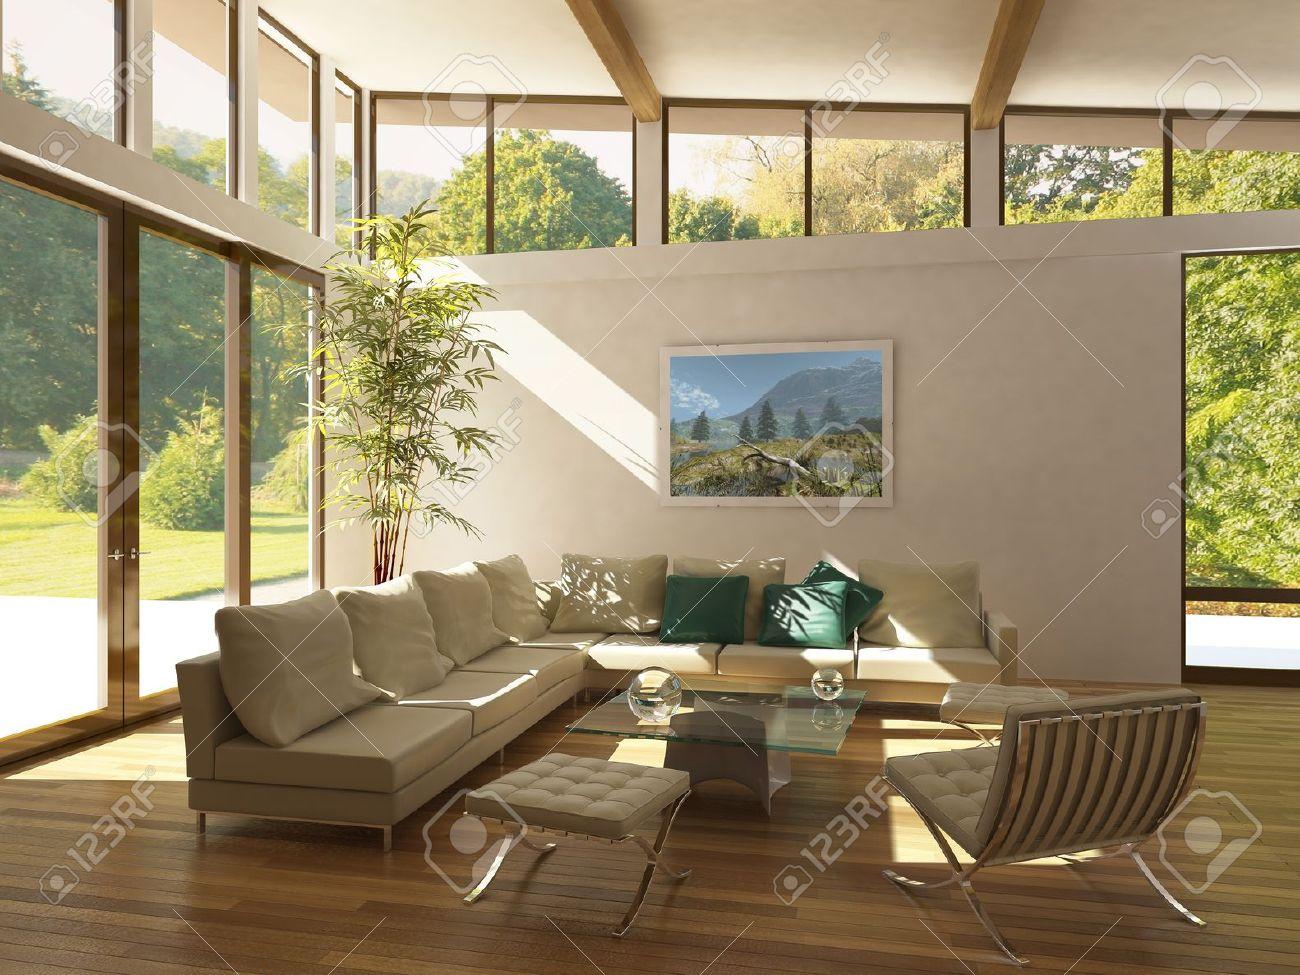 Moderne Wohnzimmer Mit Großen Fenstern, Holzboden Und Anlagen. Grün ...